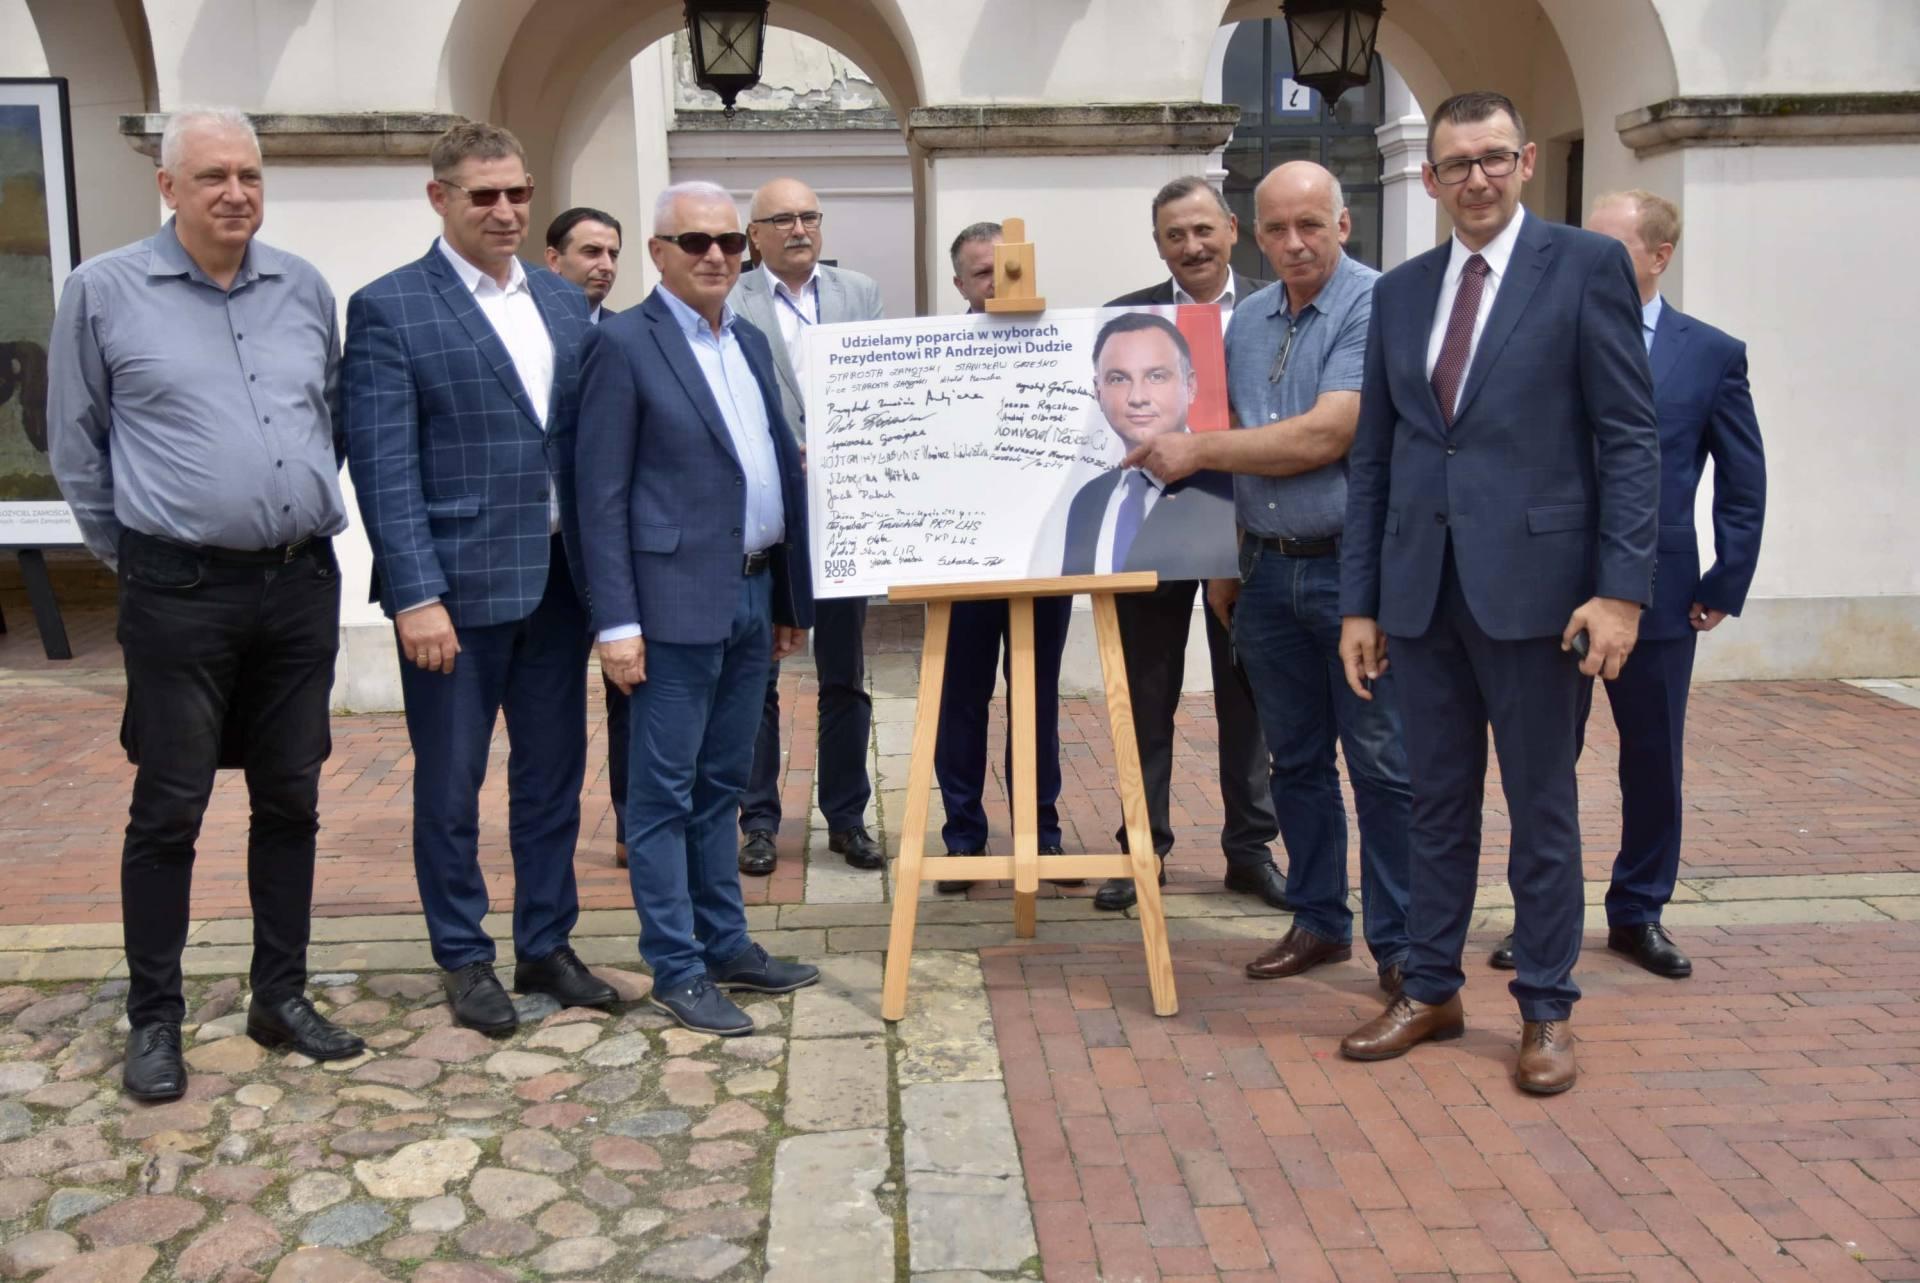 dsc 7805 Zamość: Udzielili poparcia prezydentowi Andrzejowi Dudzie